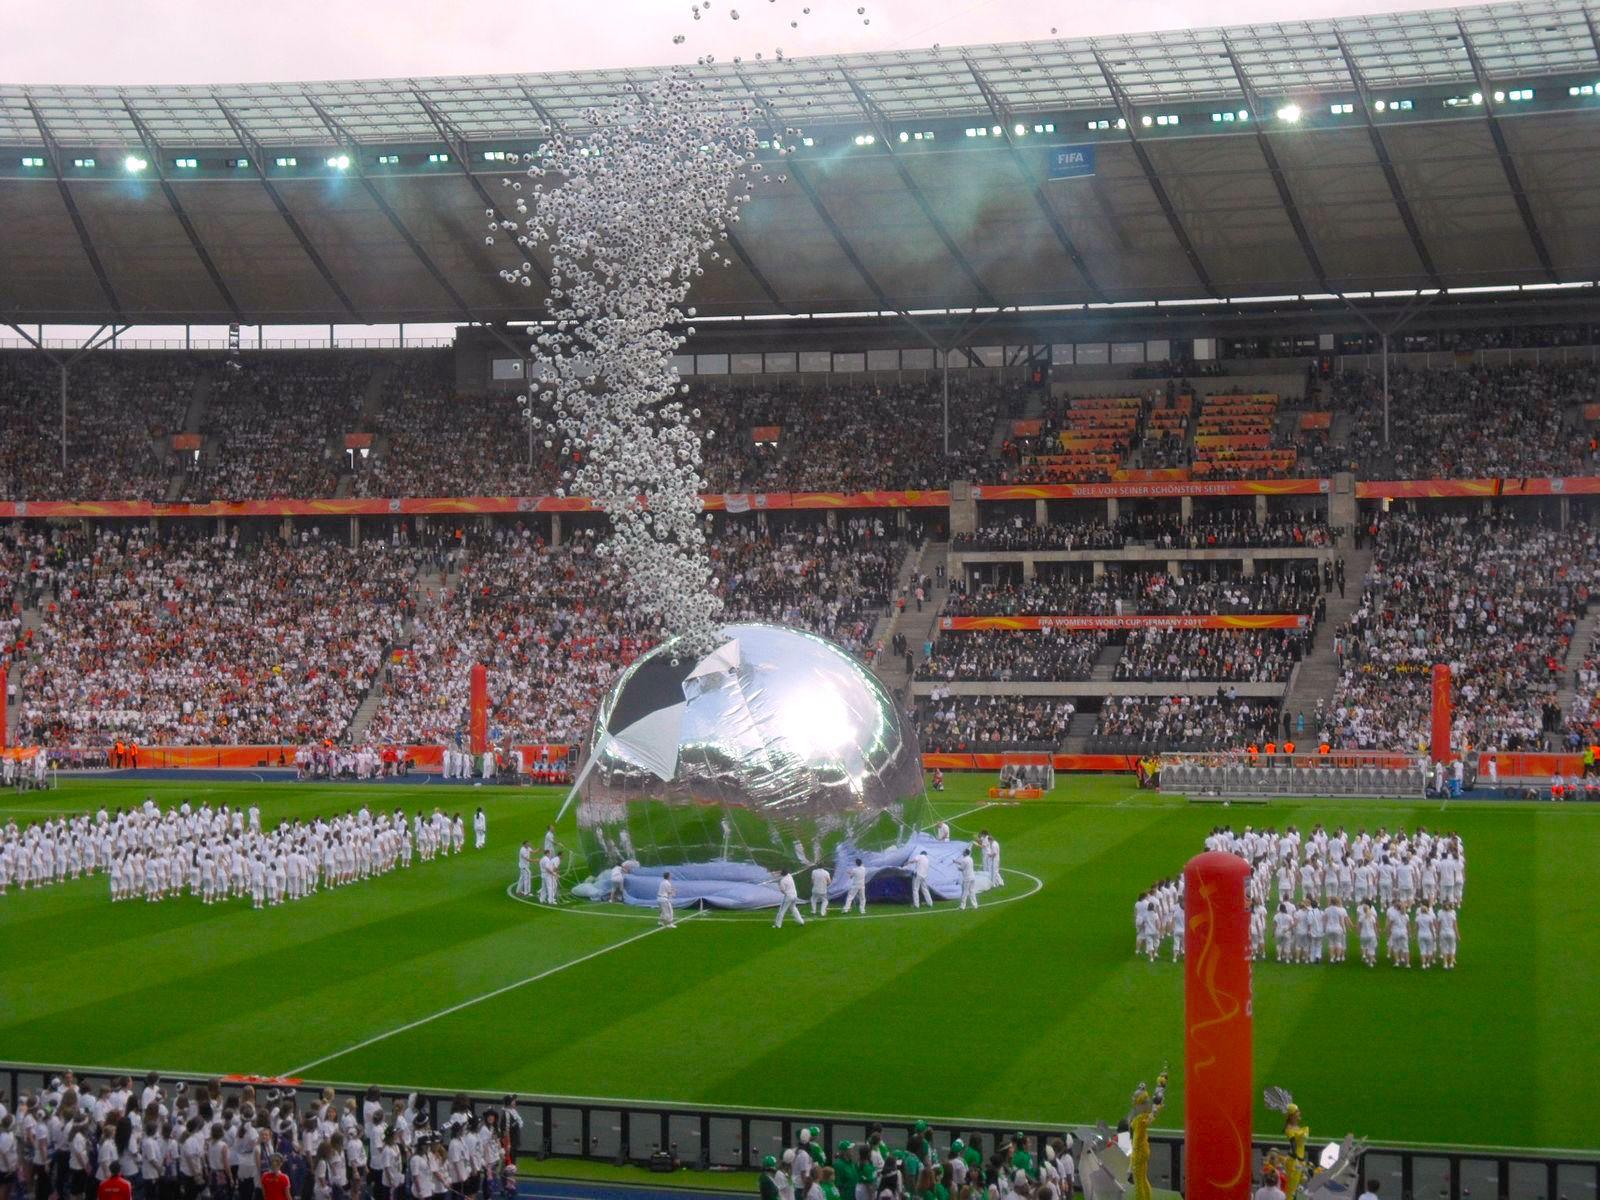 Eröffnungsfeier im Olympiastadion Berlin am 26. Juni 2011. Teilnehmerplatzierungen